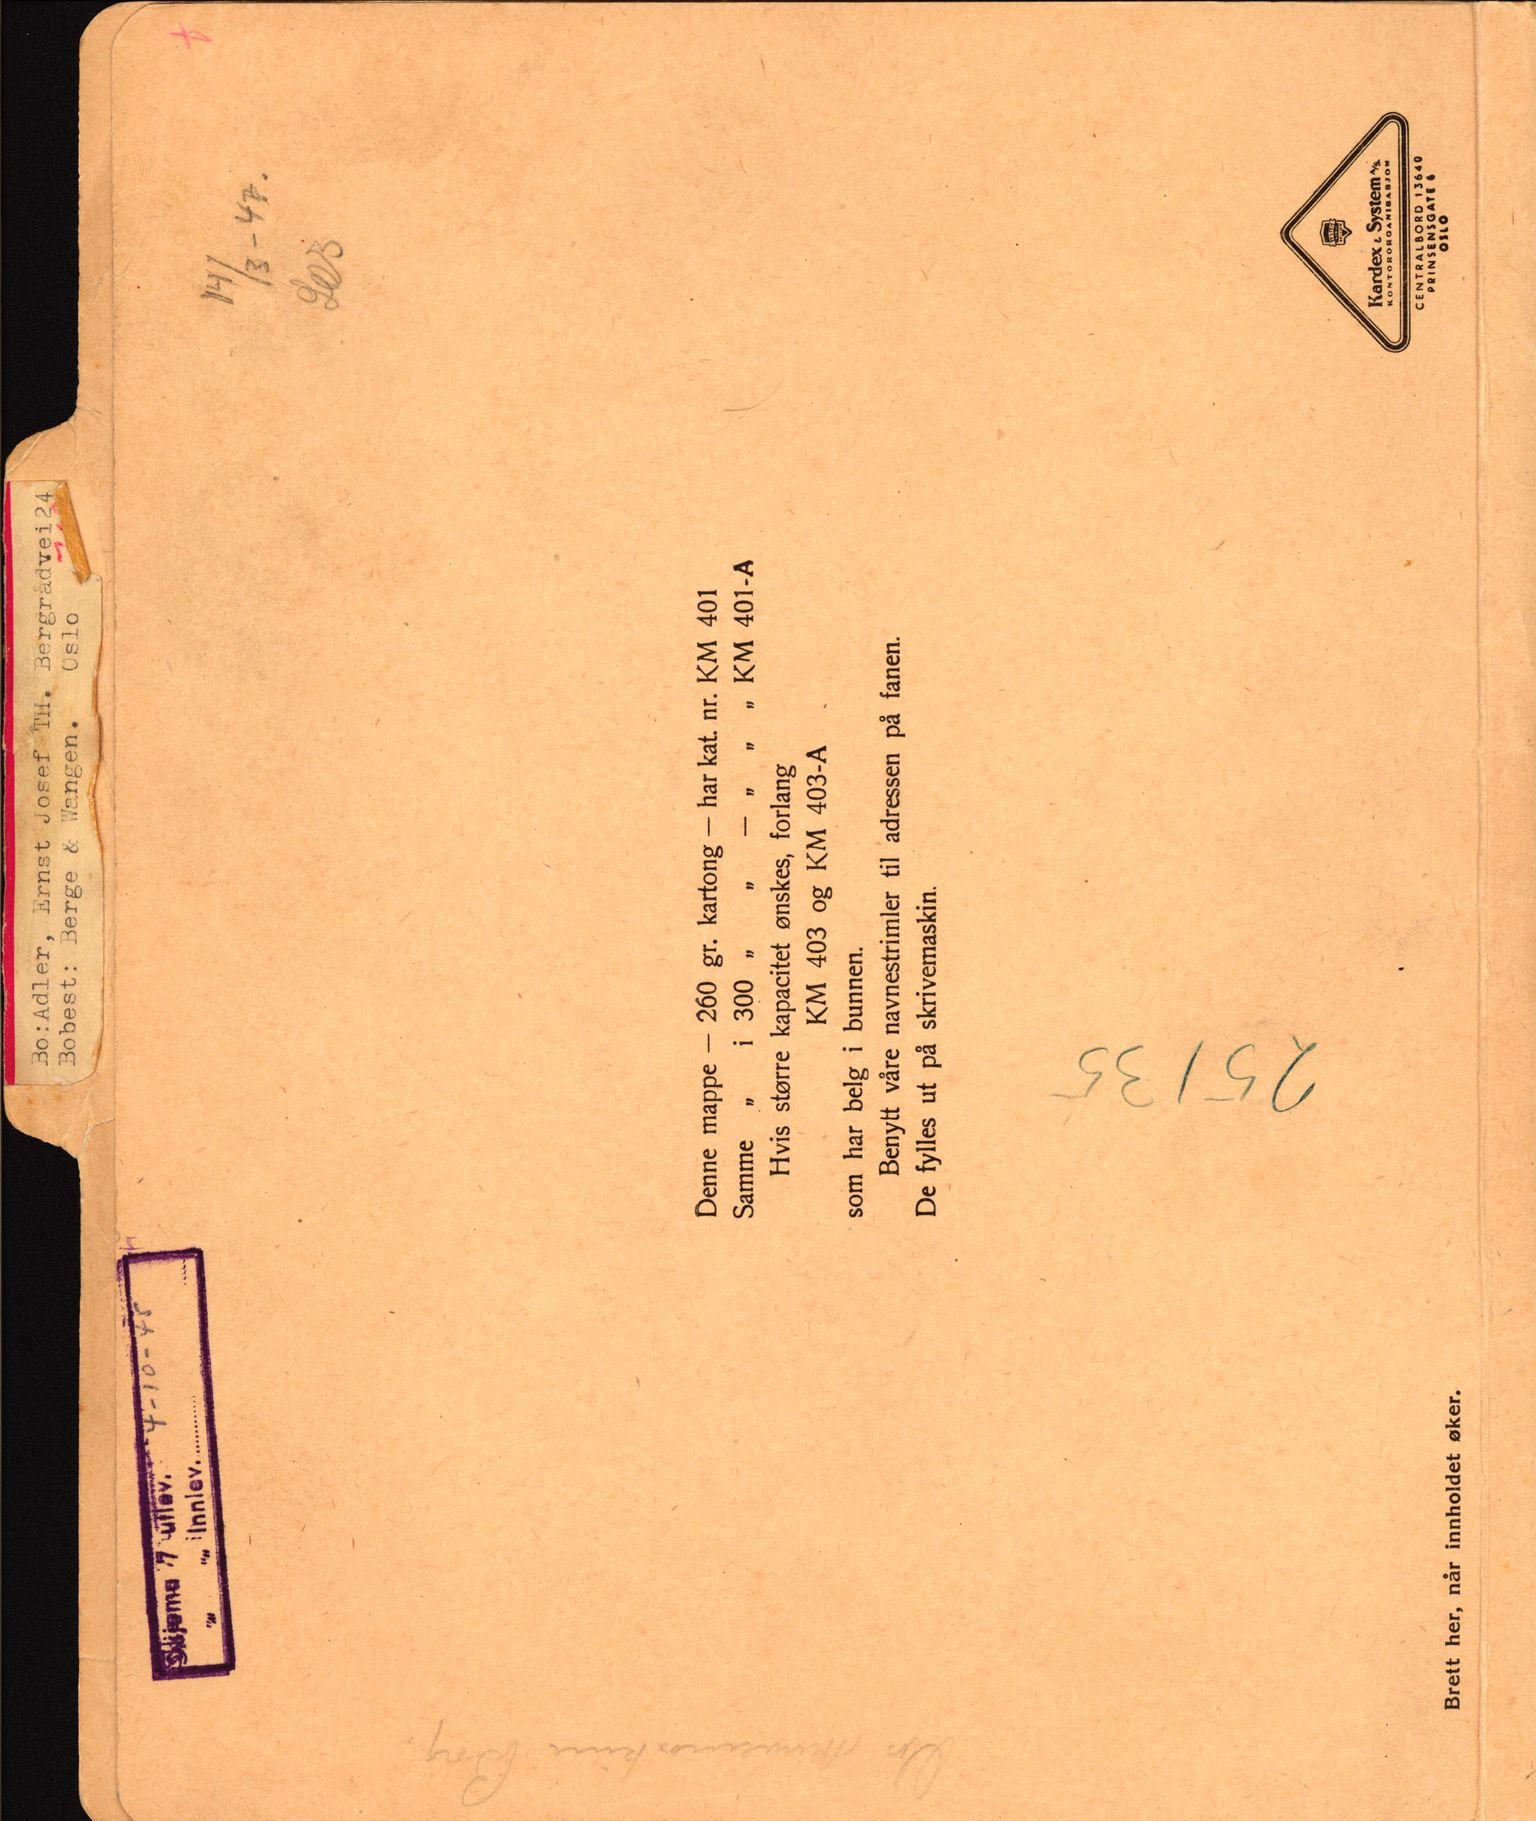 RA, Justisdepartementet, Tilbakeføringskontoret for inndratte formuer, H/Hc/Hcc/L0917: --, 1945-1947, s. 1